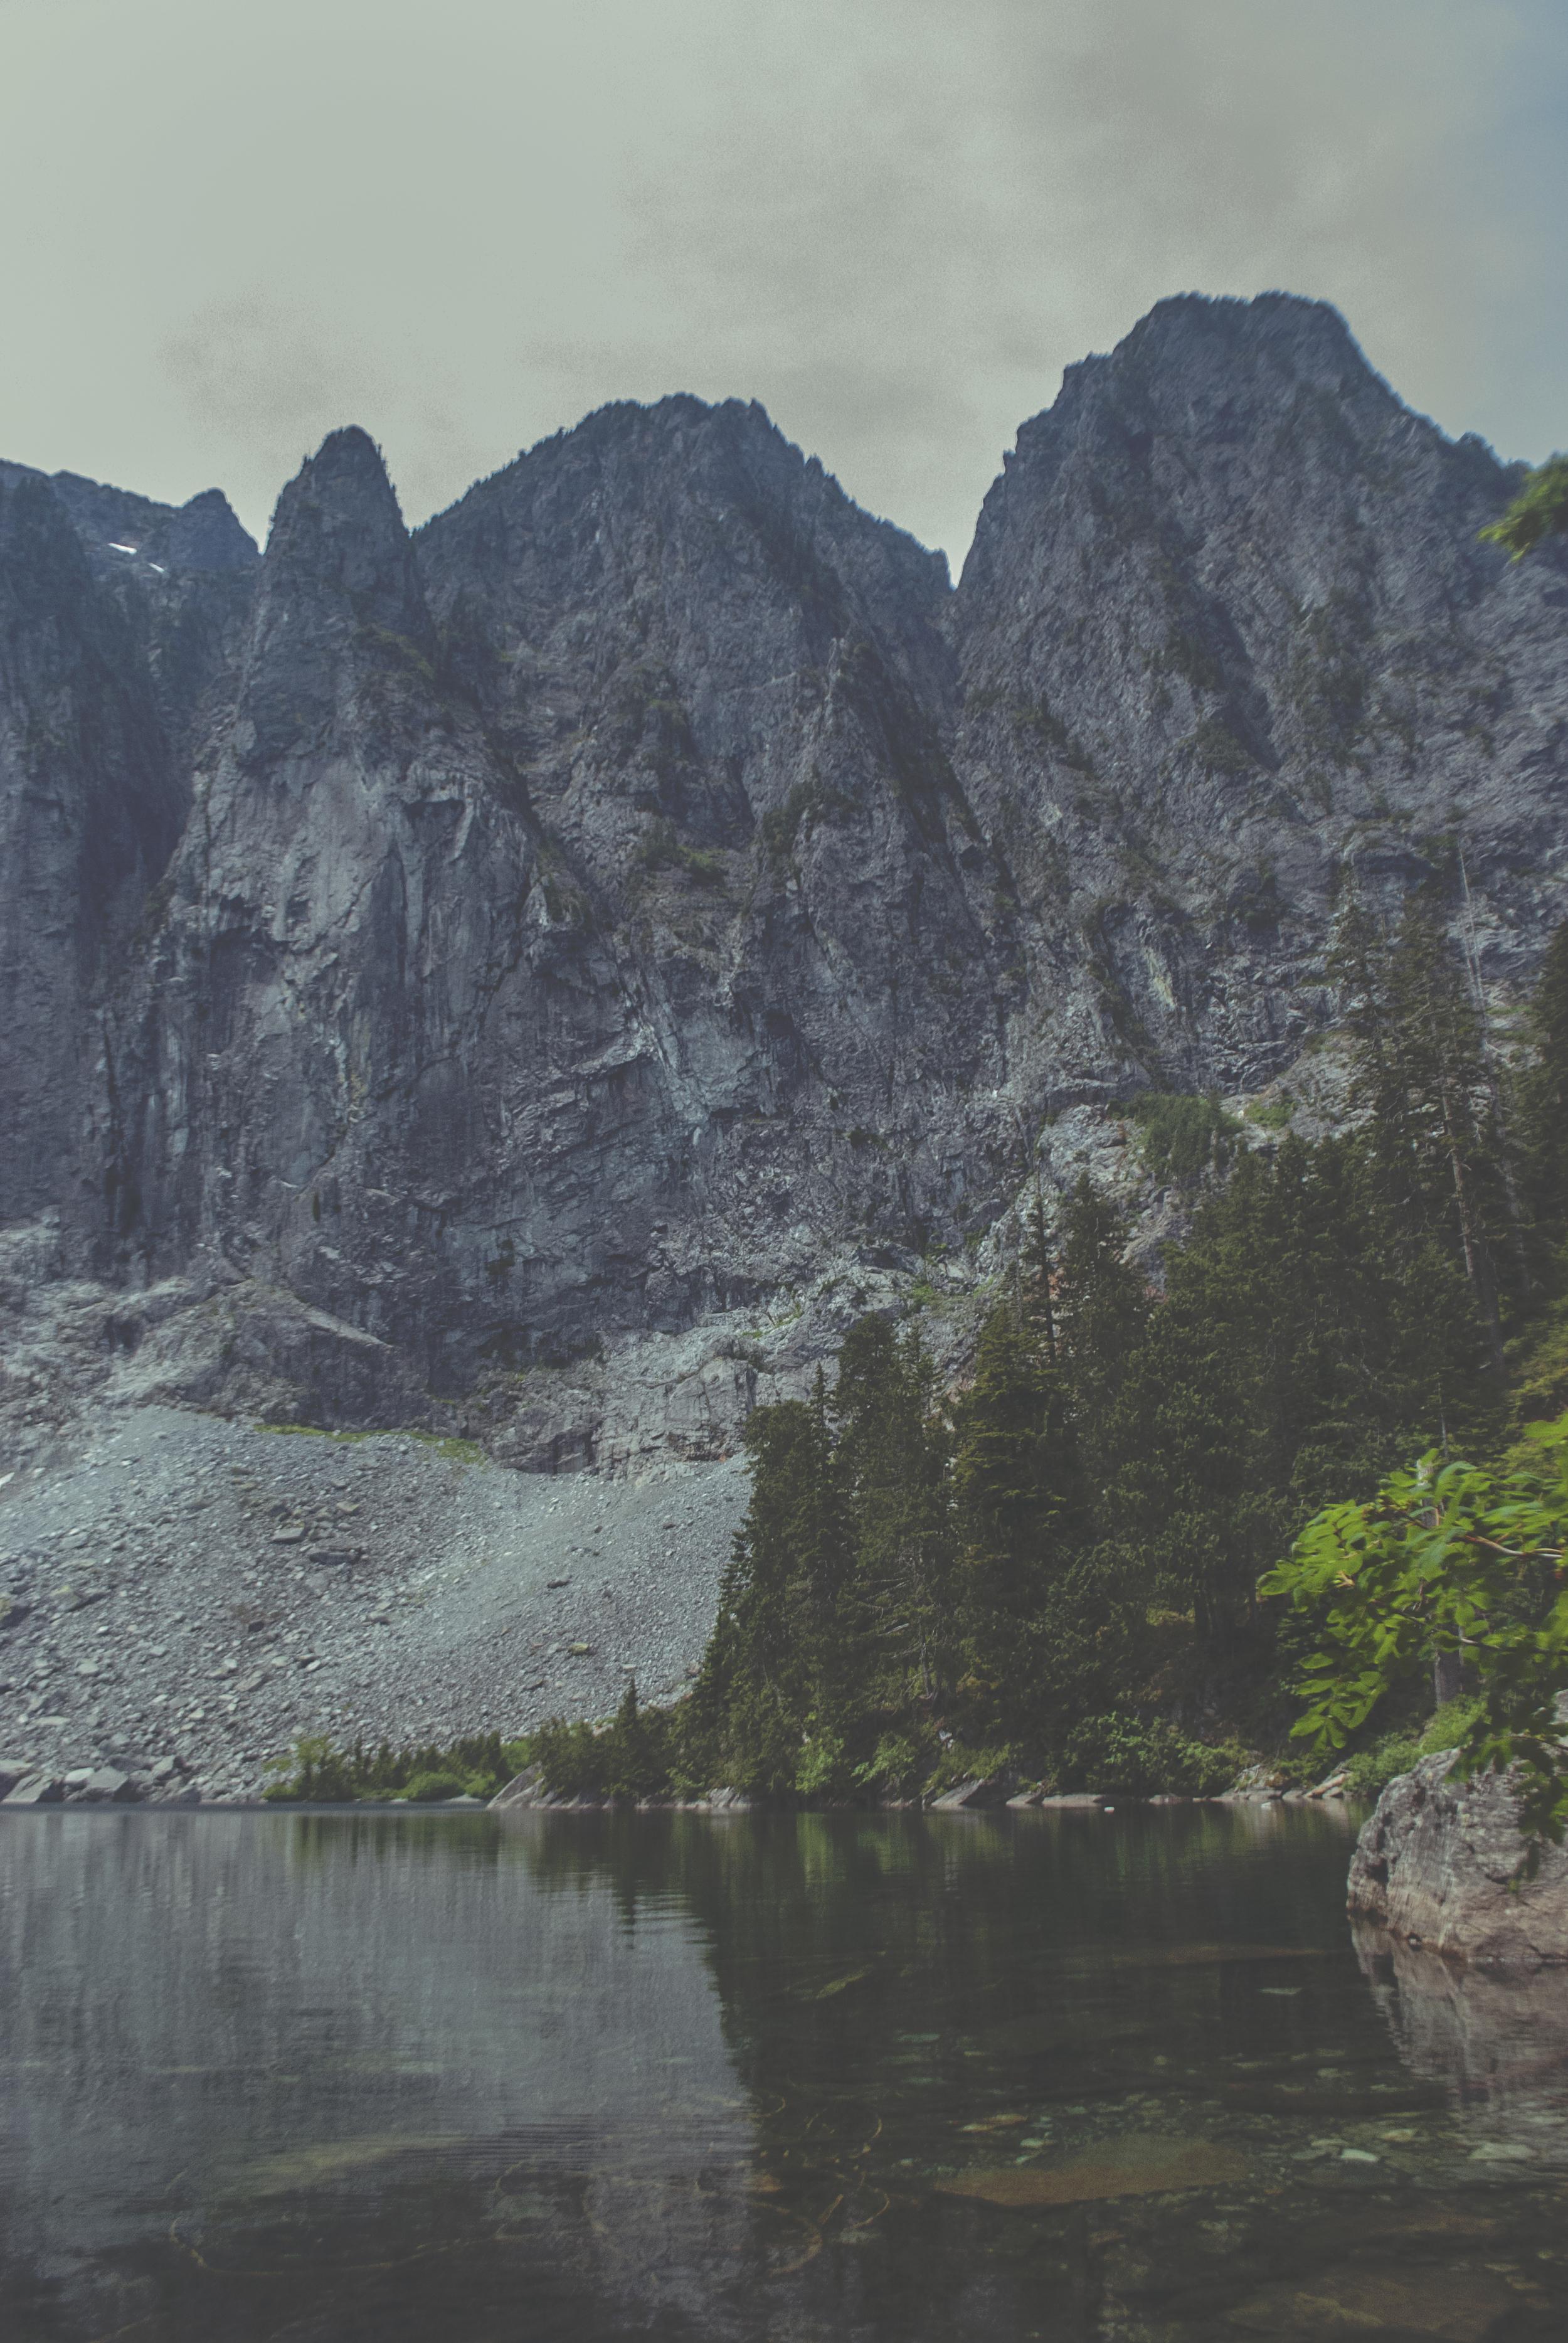 Seattle_lakeserene_mountain_trees_DSC0217.jpg